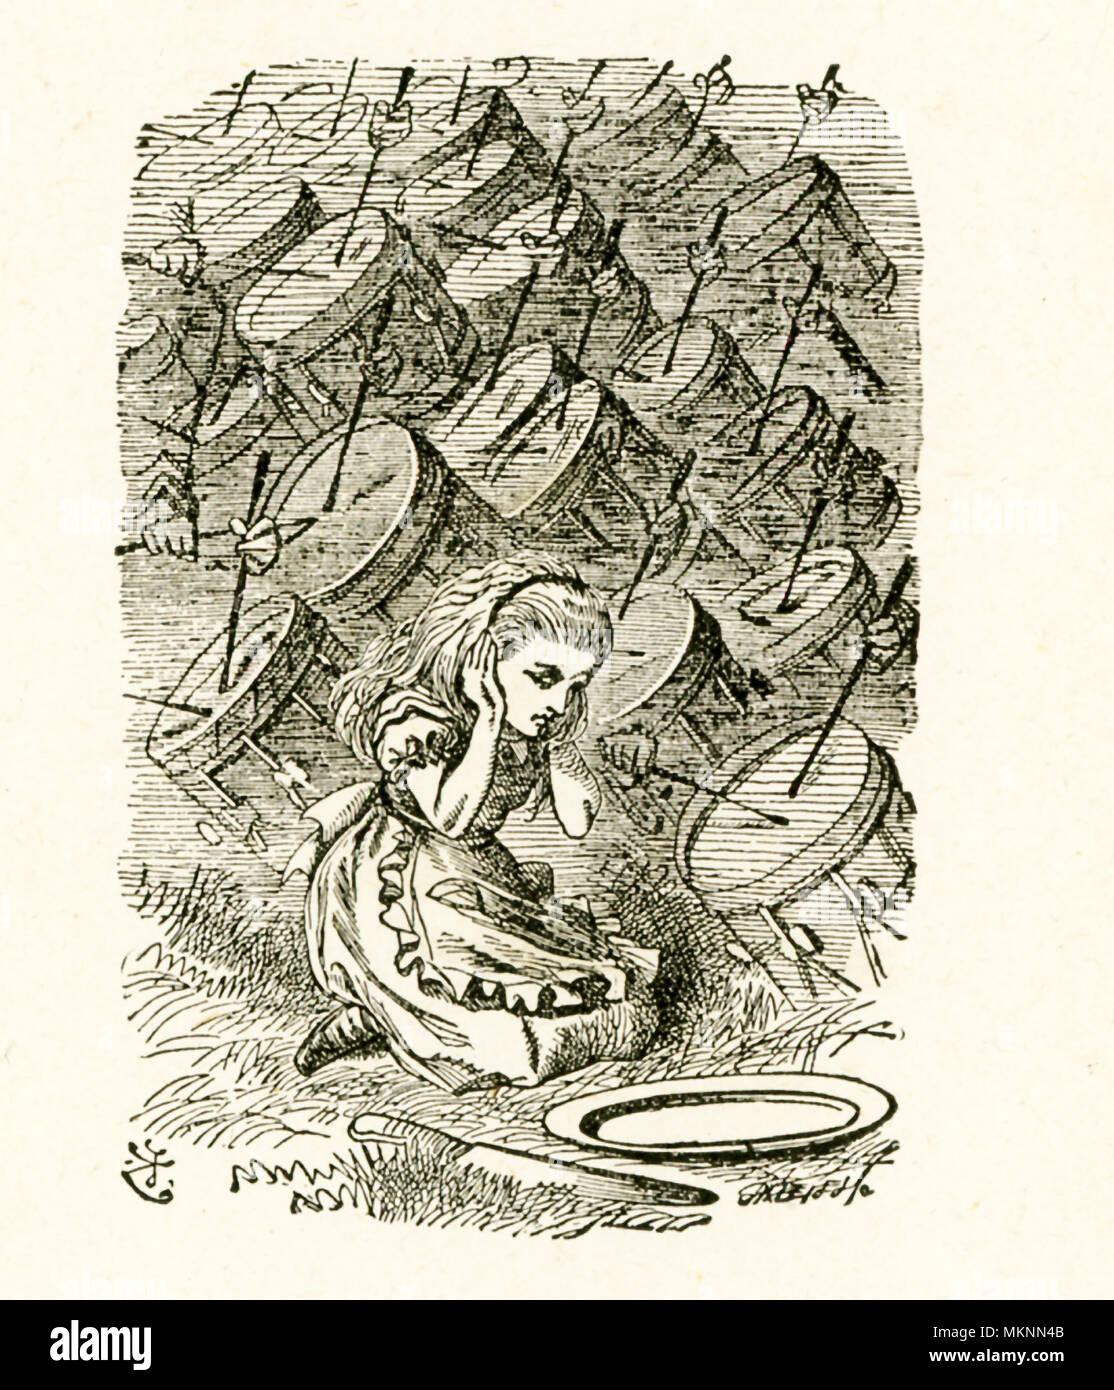 """Cette illustration avec Alice couvrant ses oreilles pour la batterie est dans de l'autre côté de 'et ce qu'Alice a trouvé là' par Lewis Carroll (Charles Lutwidge Dodgson), qui a écrit ce roman en 1871 comme une suite de 'Alice's Adventures in Wonderland"""". Photo Stock"""